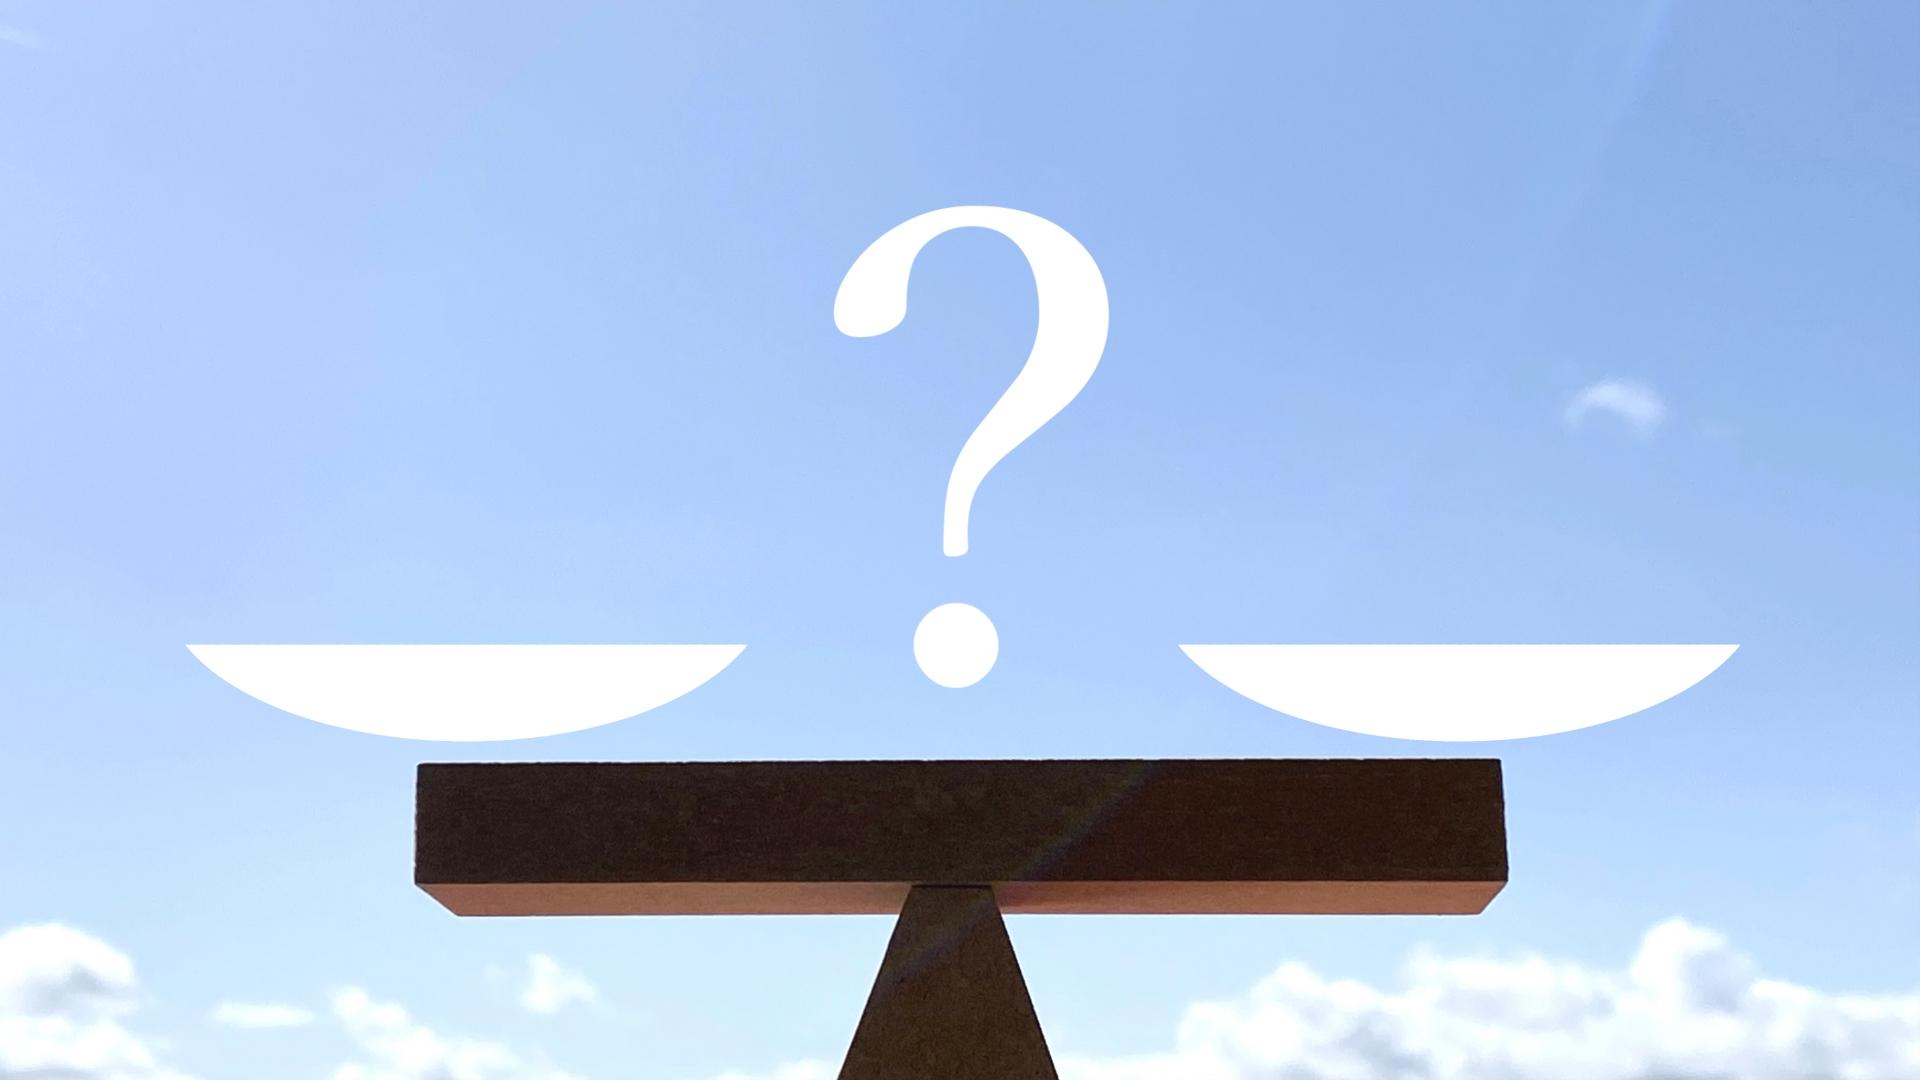 (3)あなたは製品志向?それとも顧客志向?